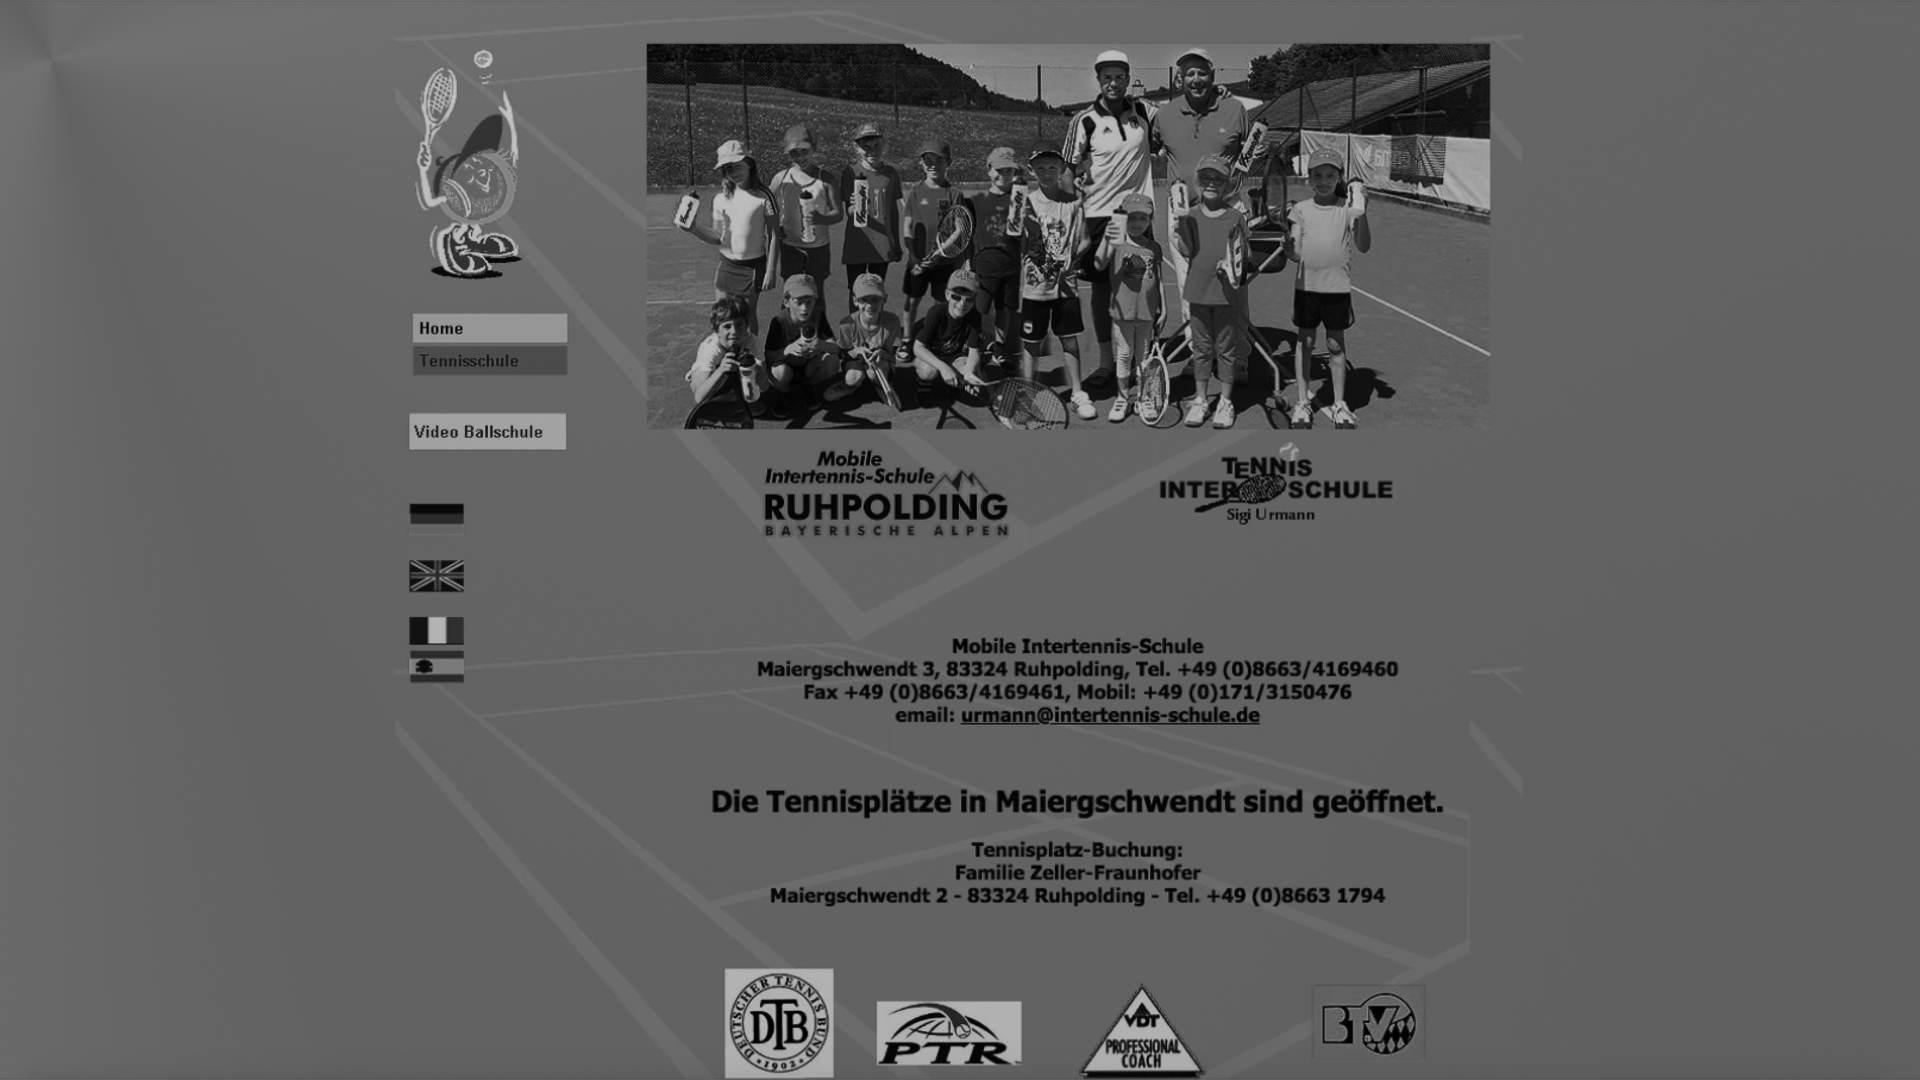 Sigi Urmann, Tennisschule, Ruhpolding